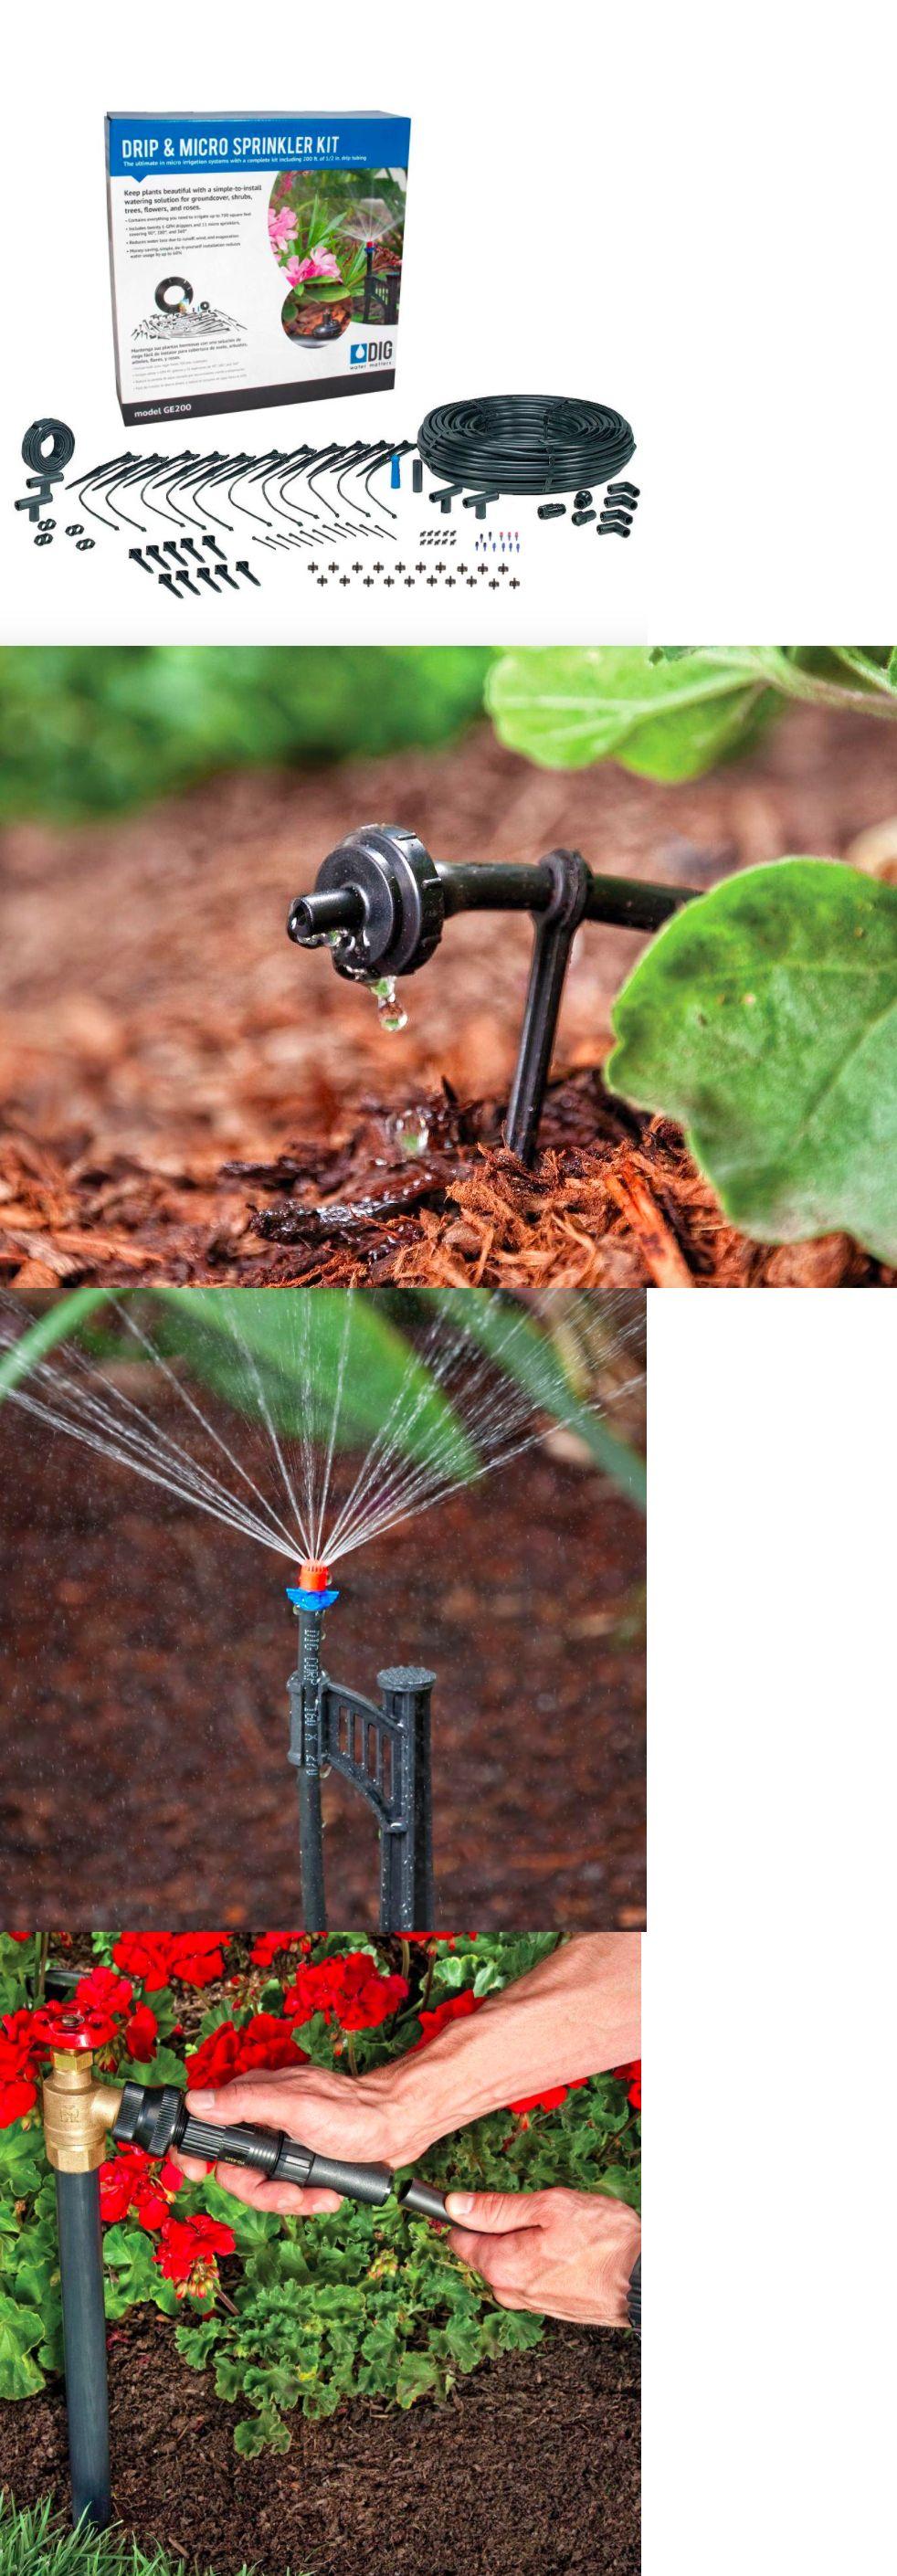 Drip Irrigation 139909: Dig Drip Micro Sprinkler Water ...